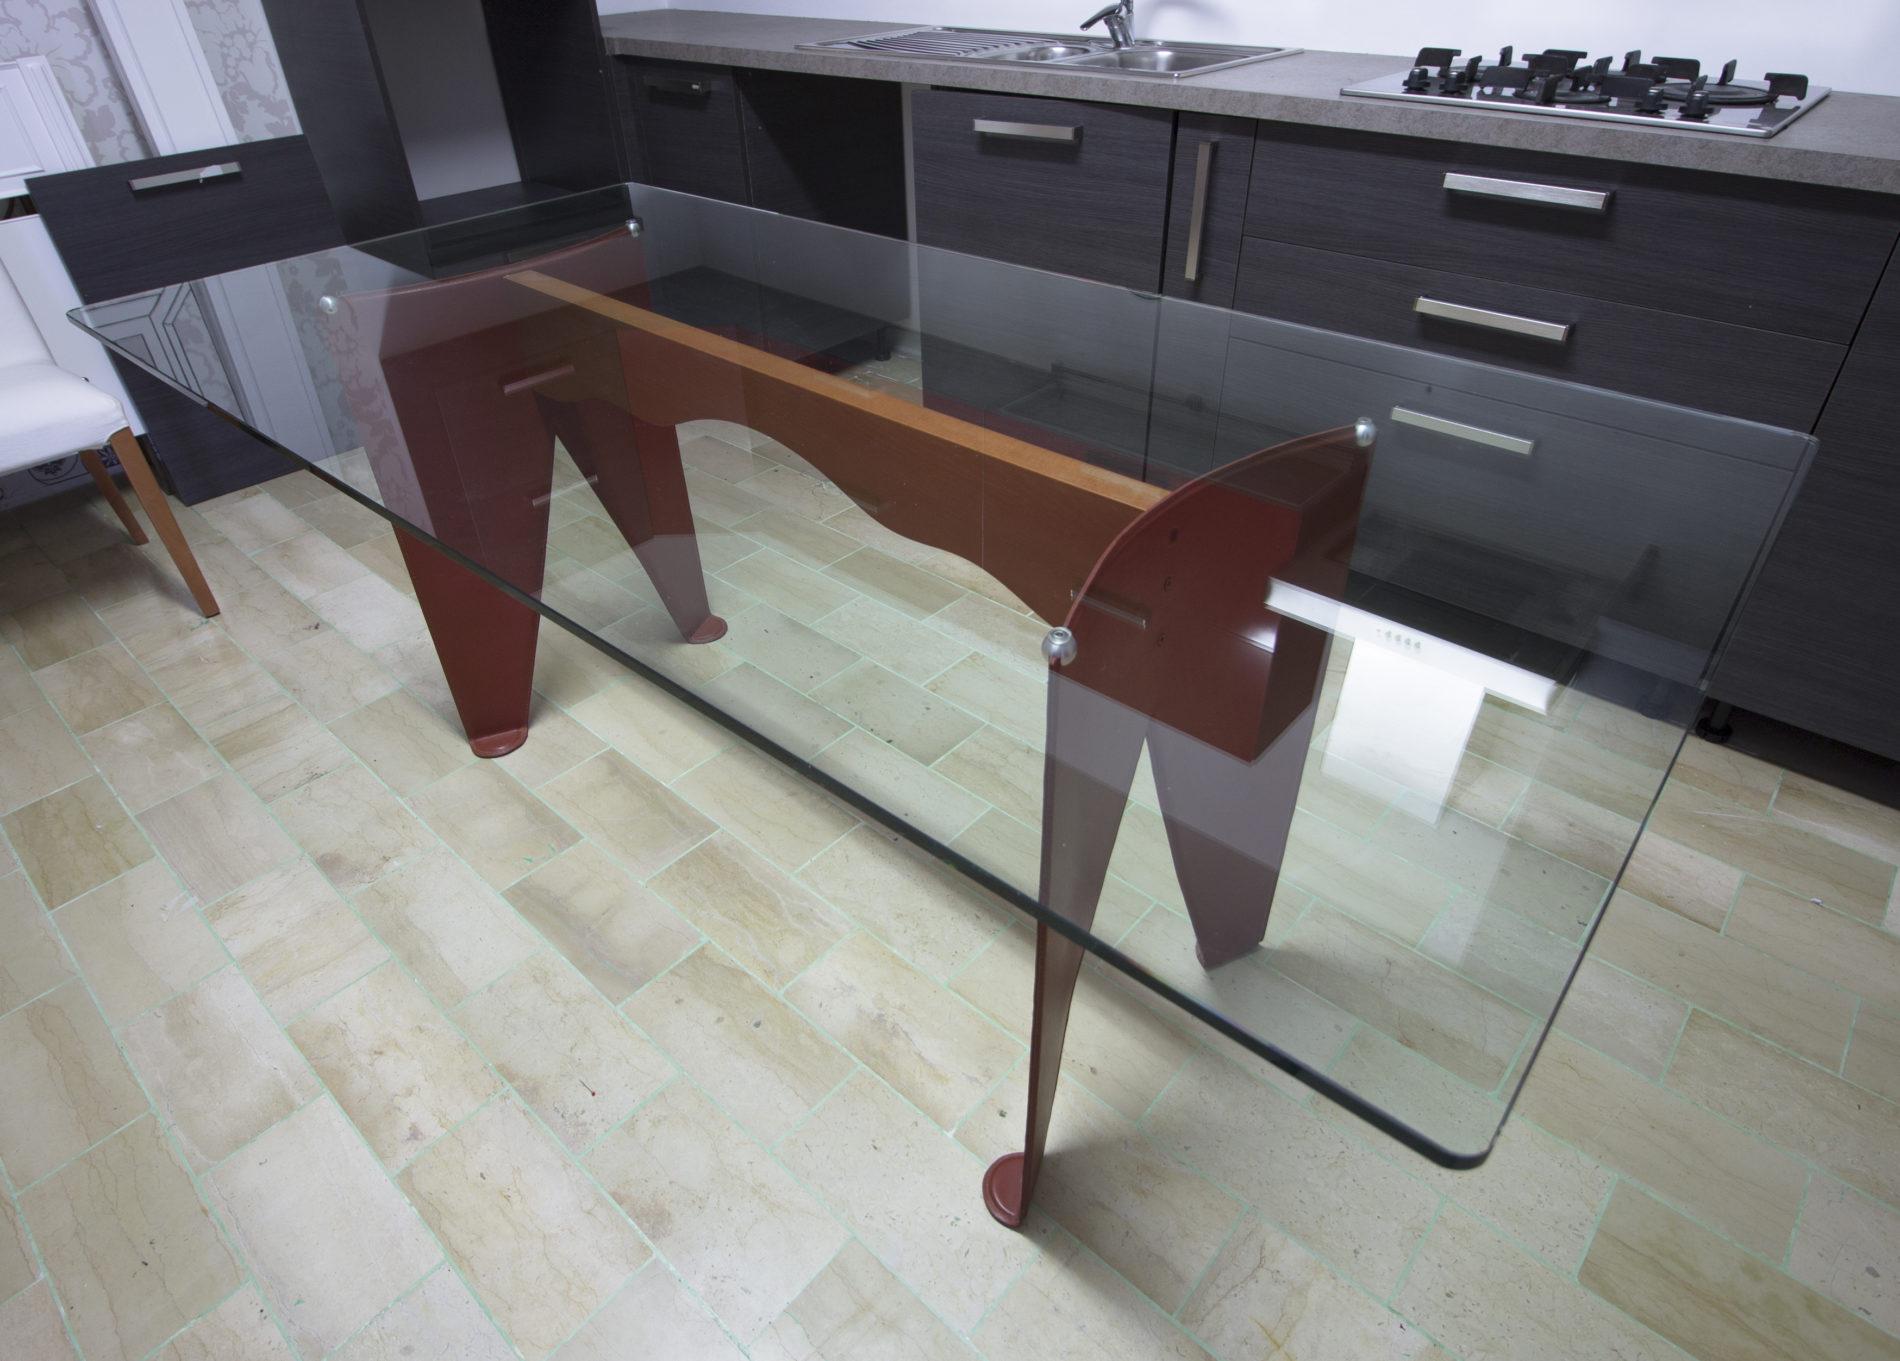 Tavolo in cristallo msd design - Tavolo cristallo rettangolare usato ...